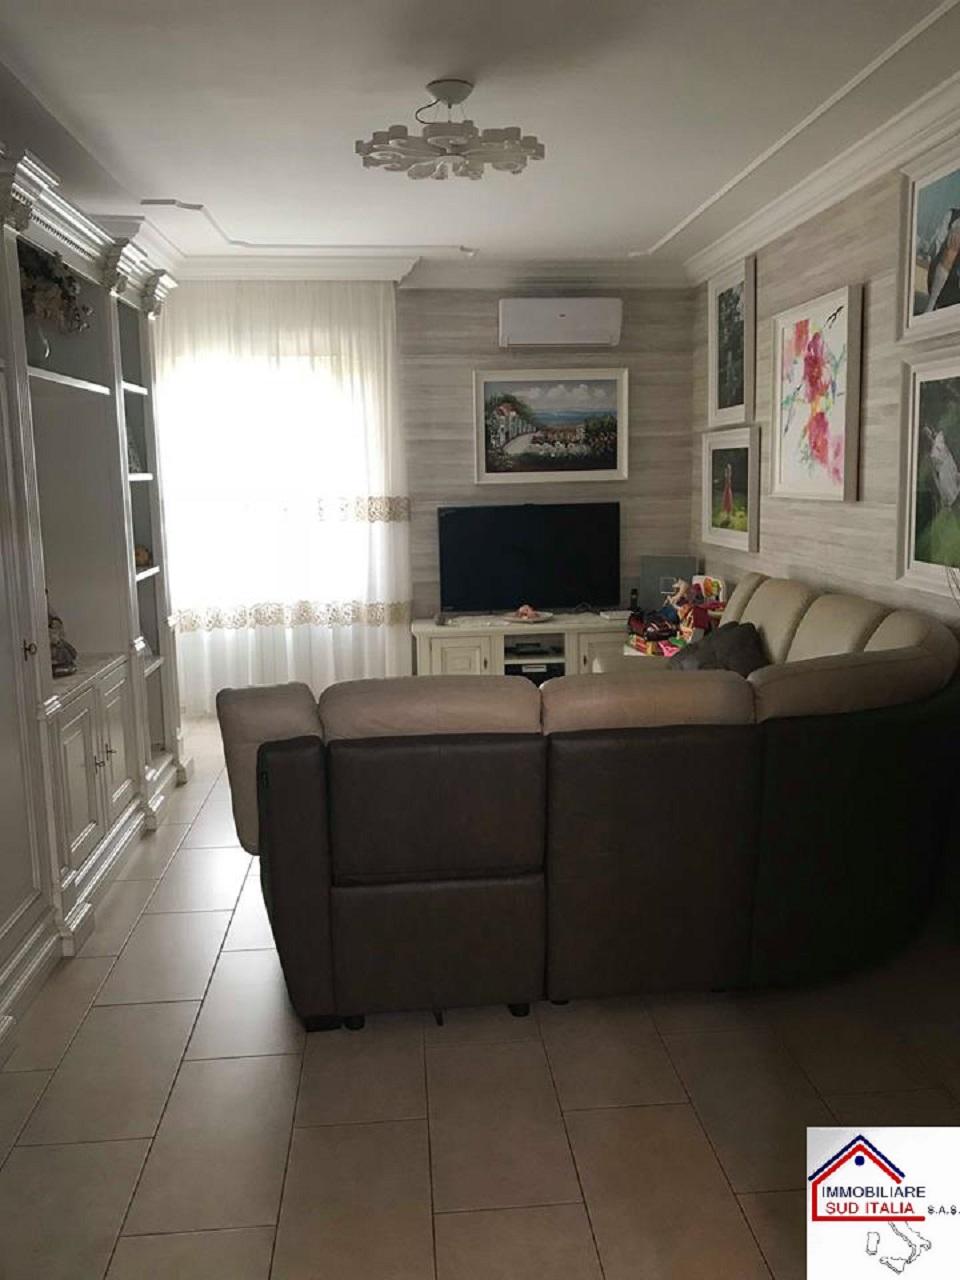 Appartamento con box doppio in larghezza a Giugliano in Campania - 01